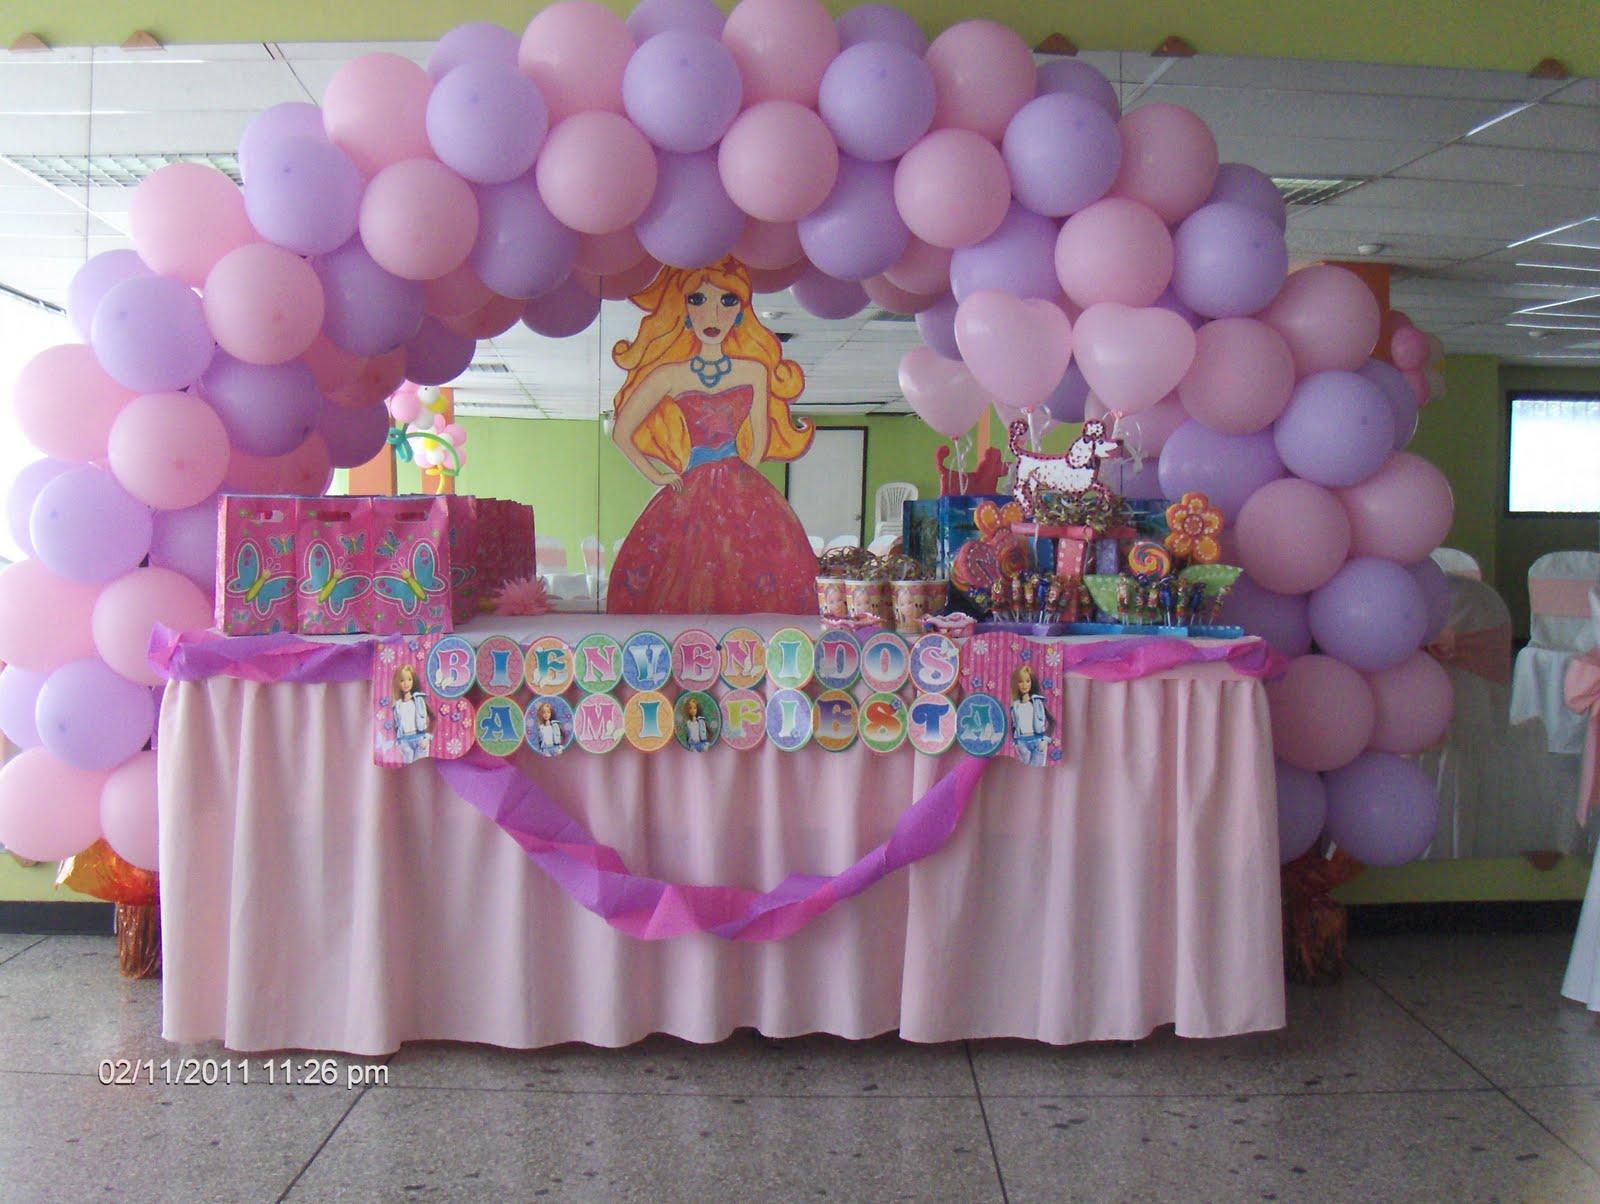 Decoracion de globos para fiestas infantiles paramount - Decoracion de globos ...